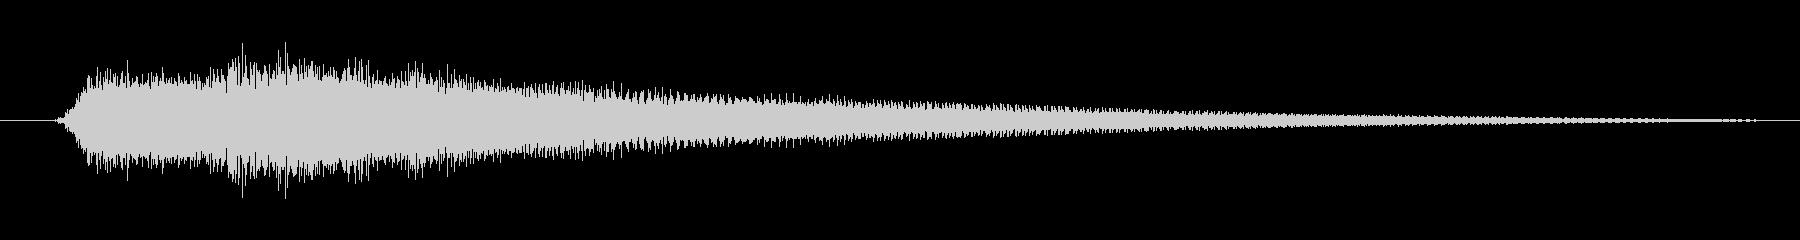 エレキギターで奏でた明かるく爽快なコードの未再生の波形